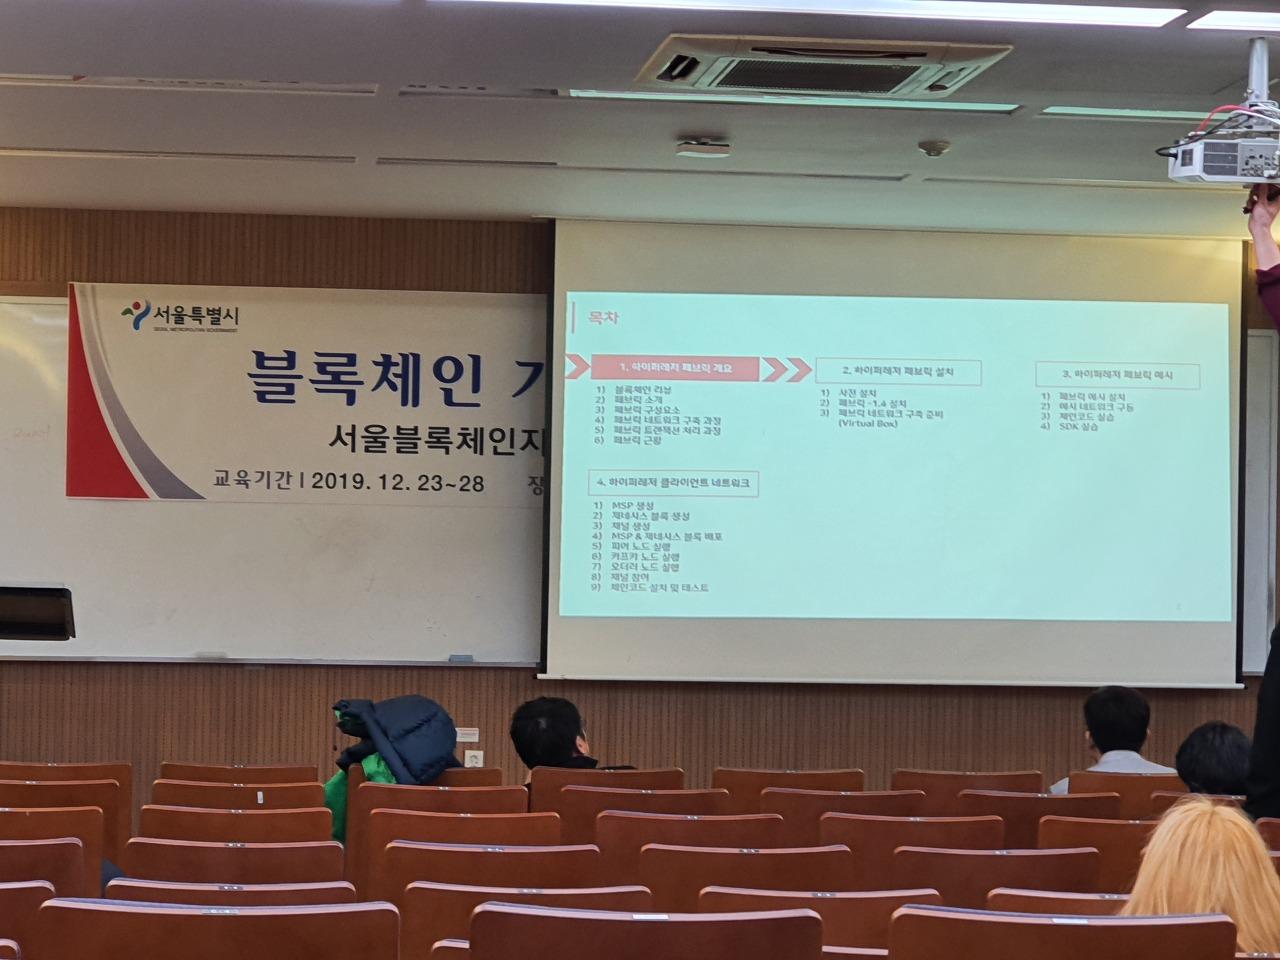 강의 기간: 2019.12.27 ~ 2019.12.28